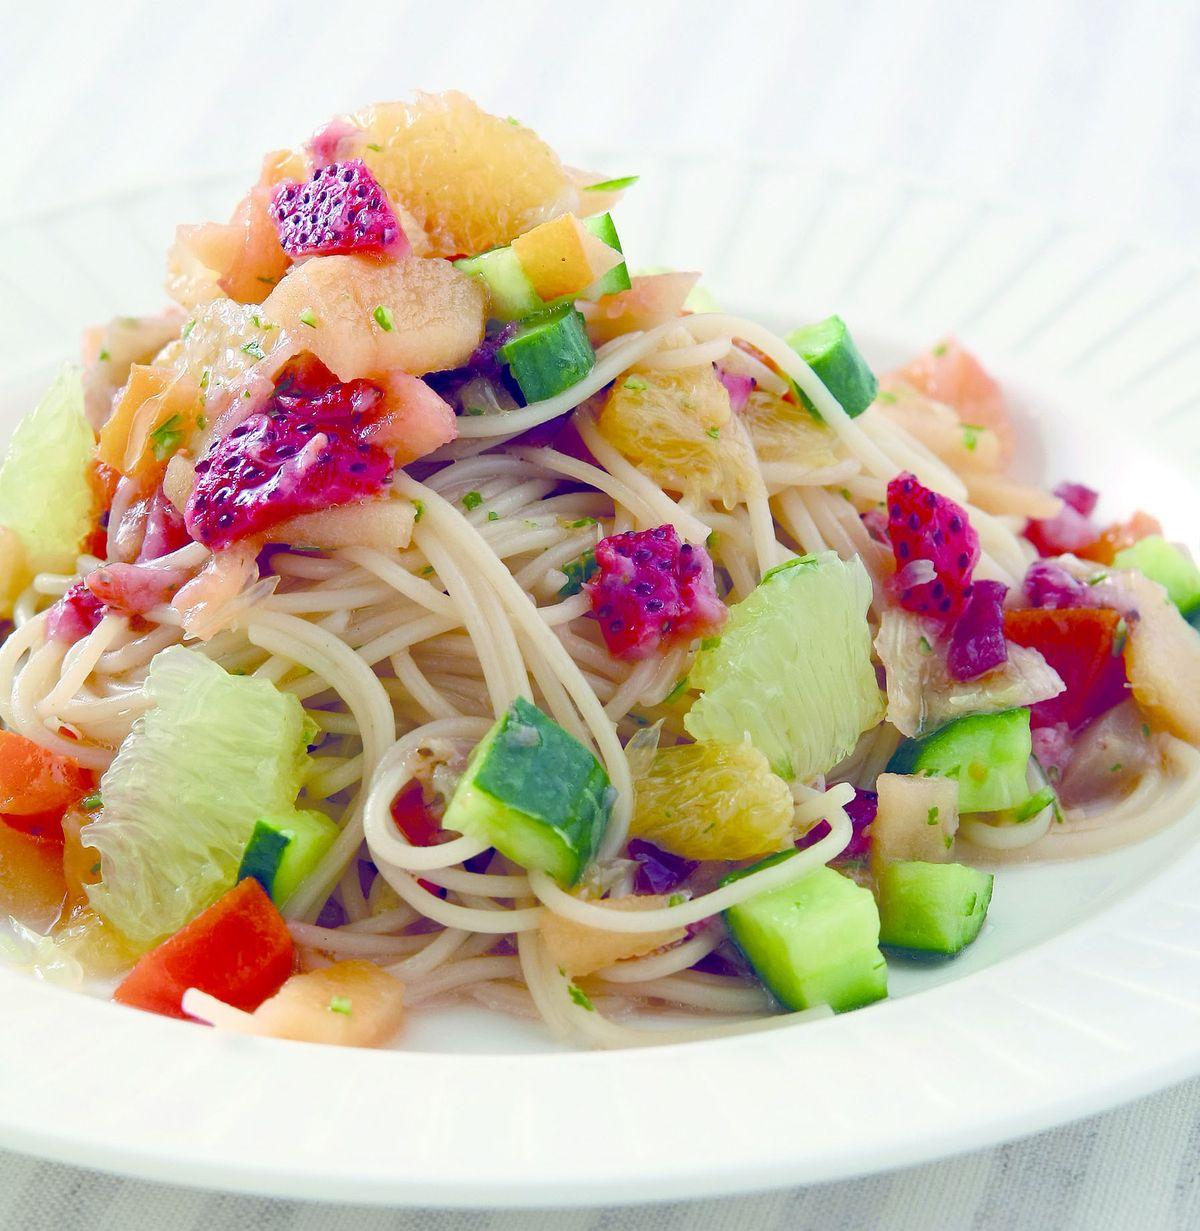 食譜:夏日水果義大利麵